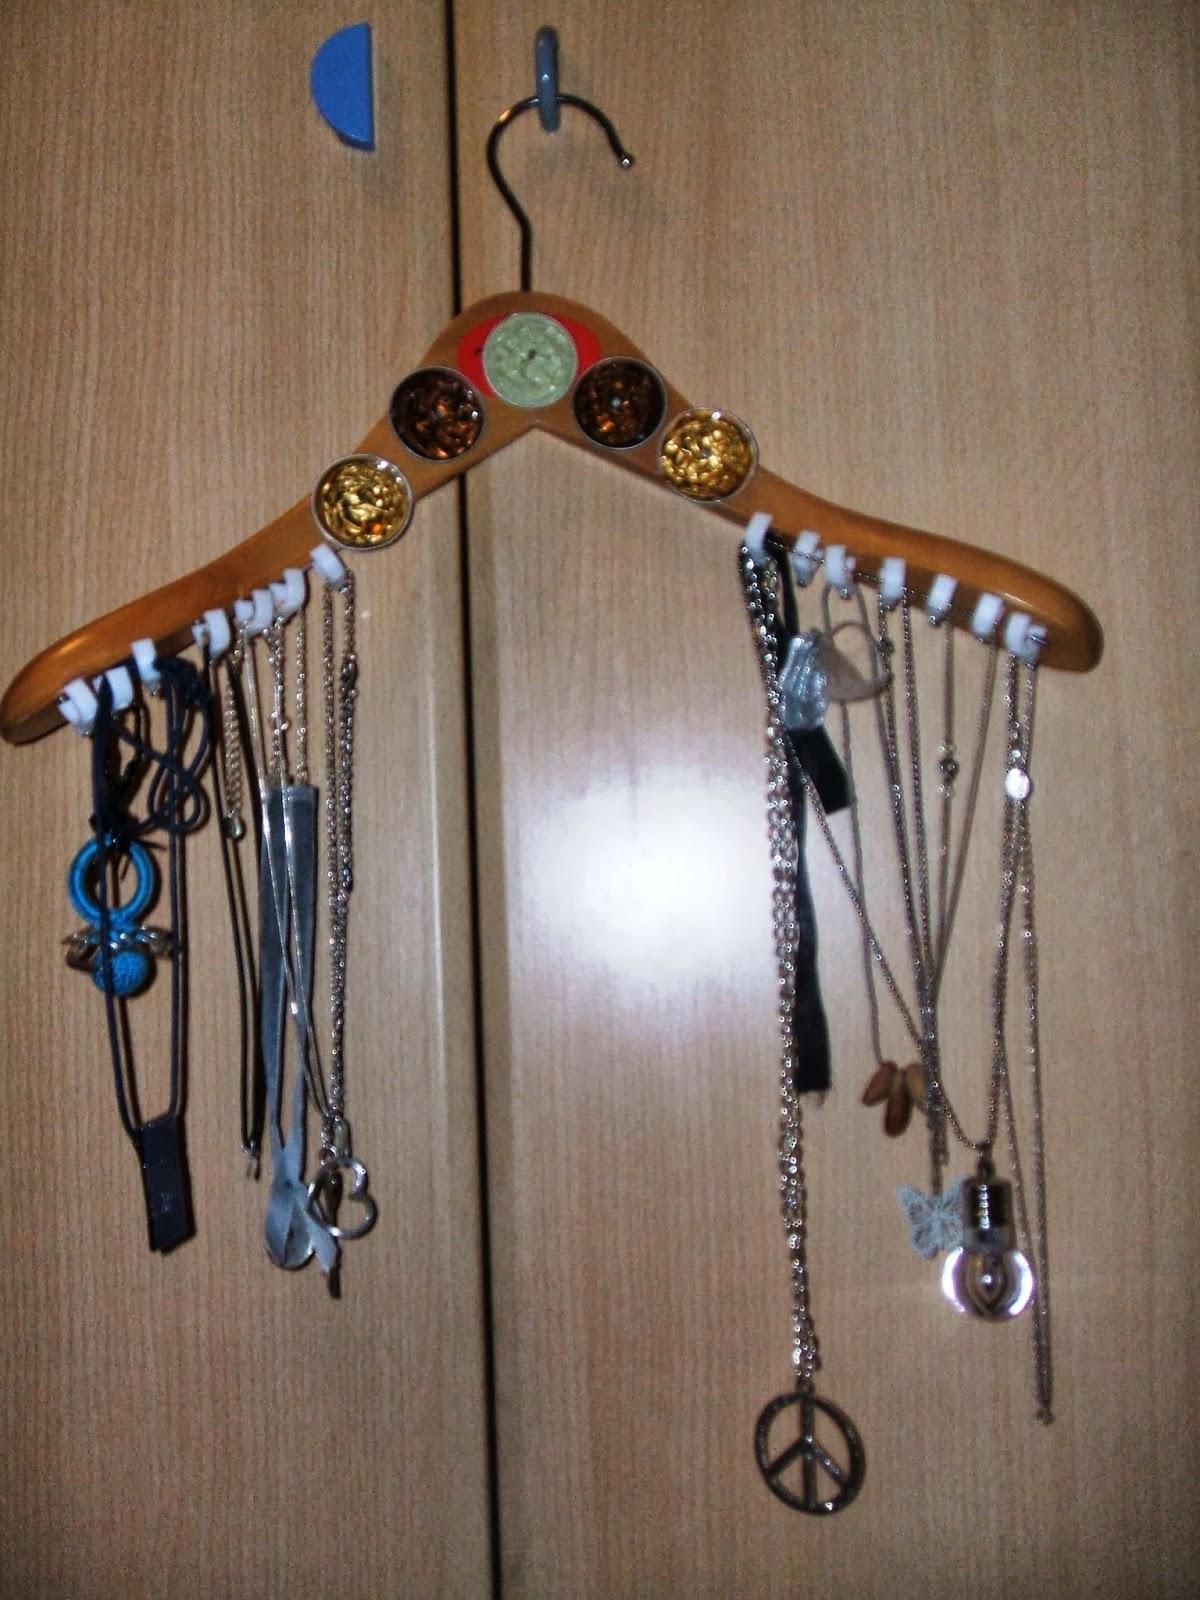 Atelier de la cosette colgador de bisuteria - Colgador de collares ...